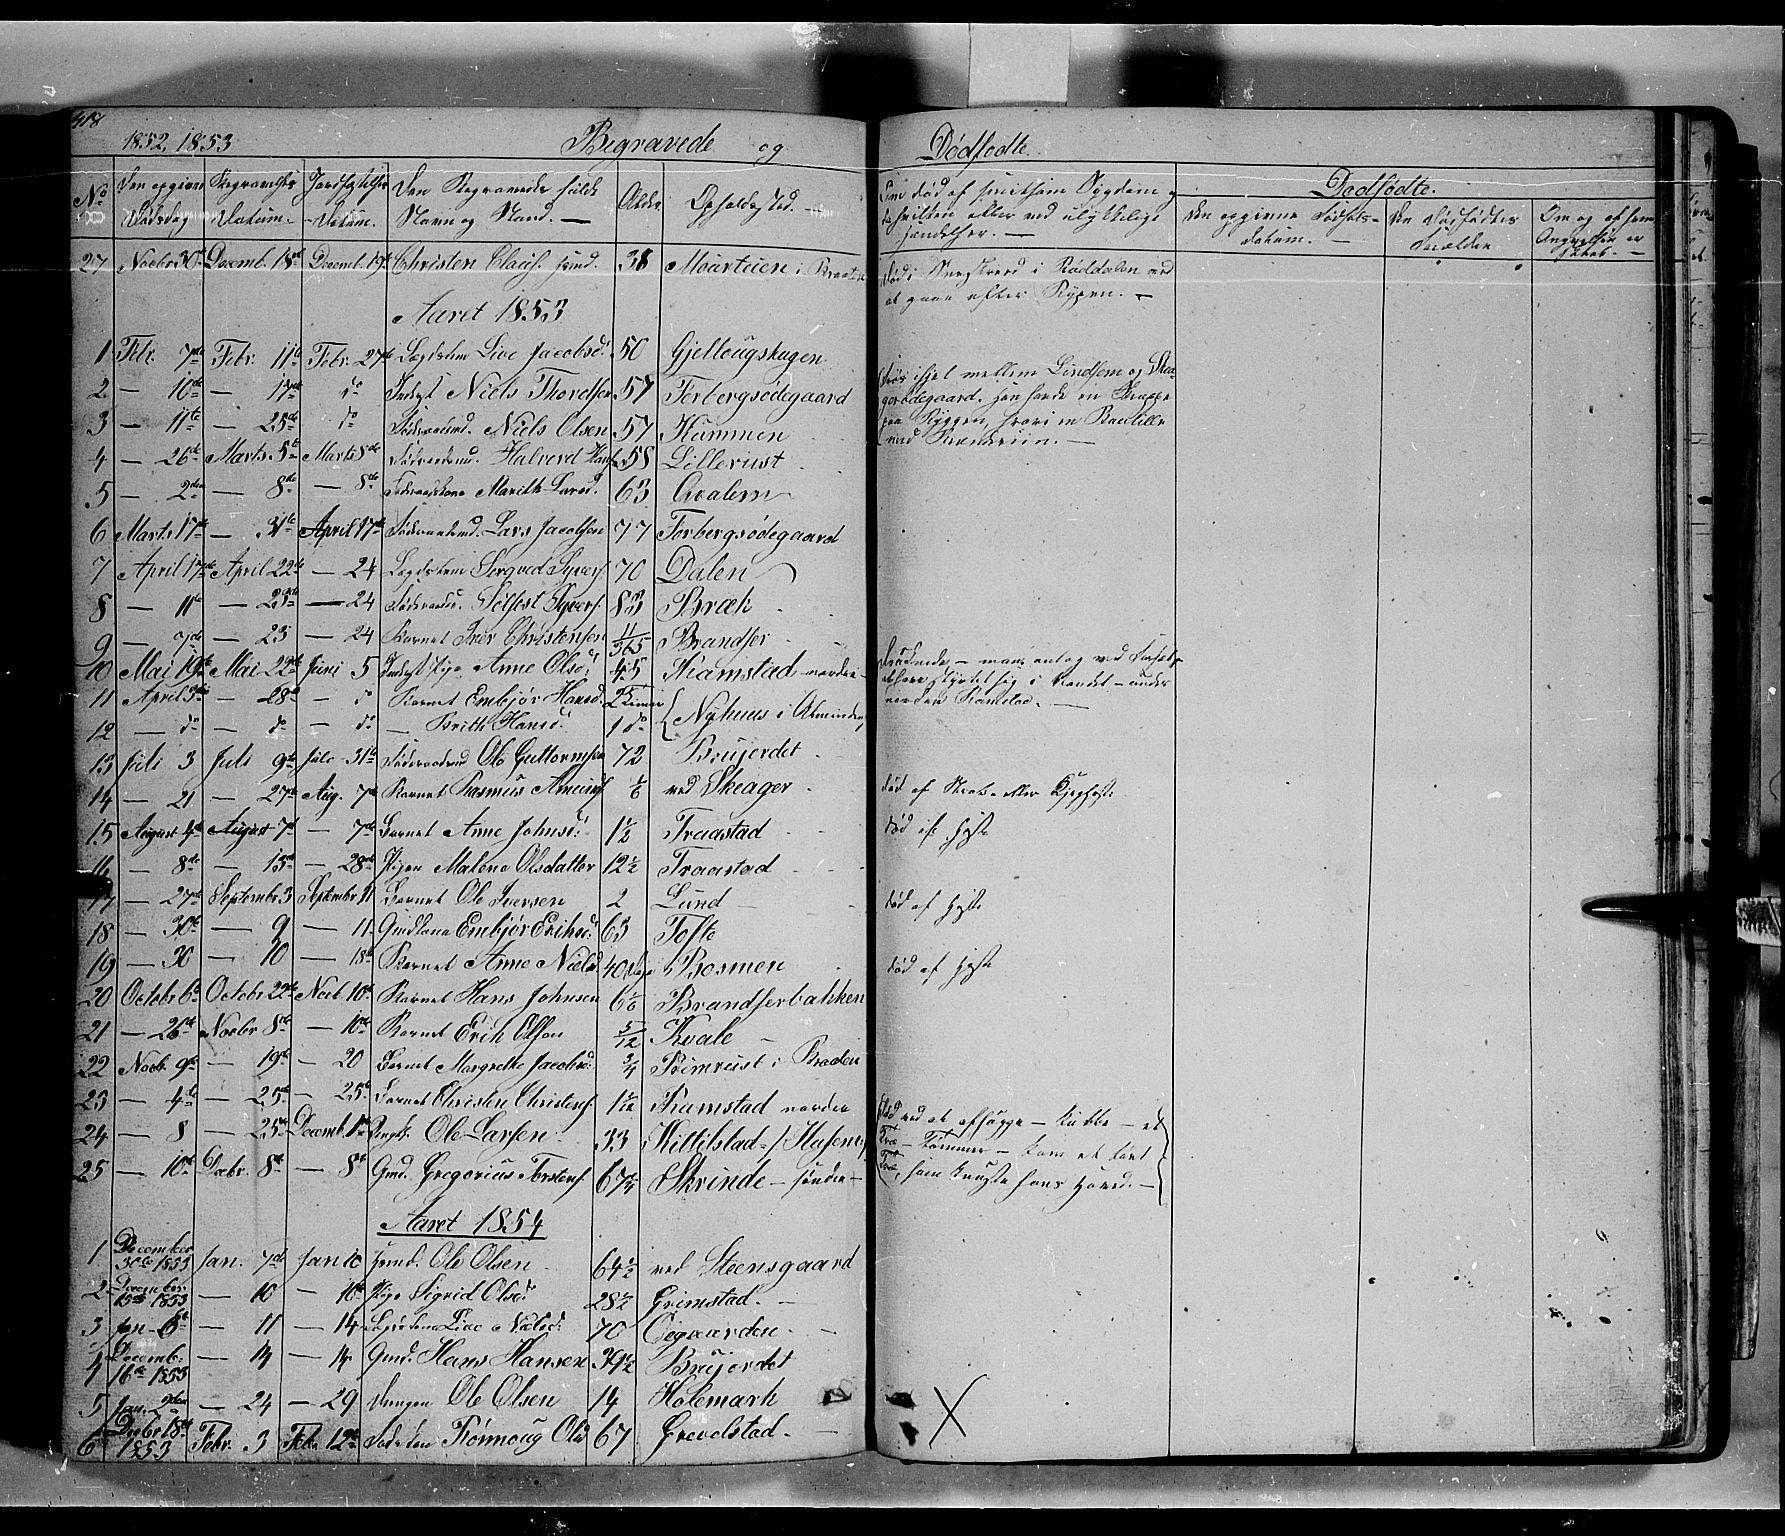 SAH, Lom prestekontor, L/L0004: Klokkerbok nr. 4, 1845-1864, s. 418-419